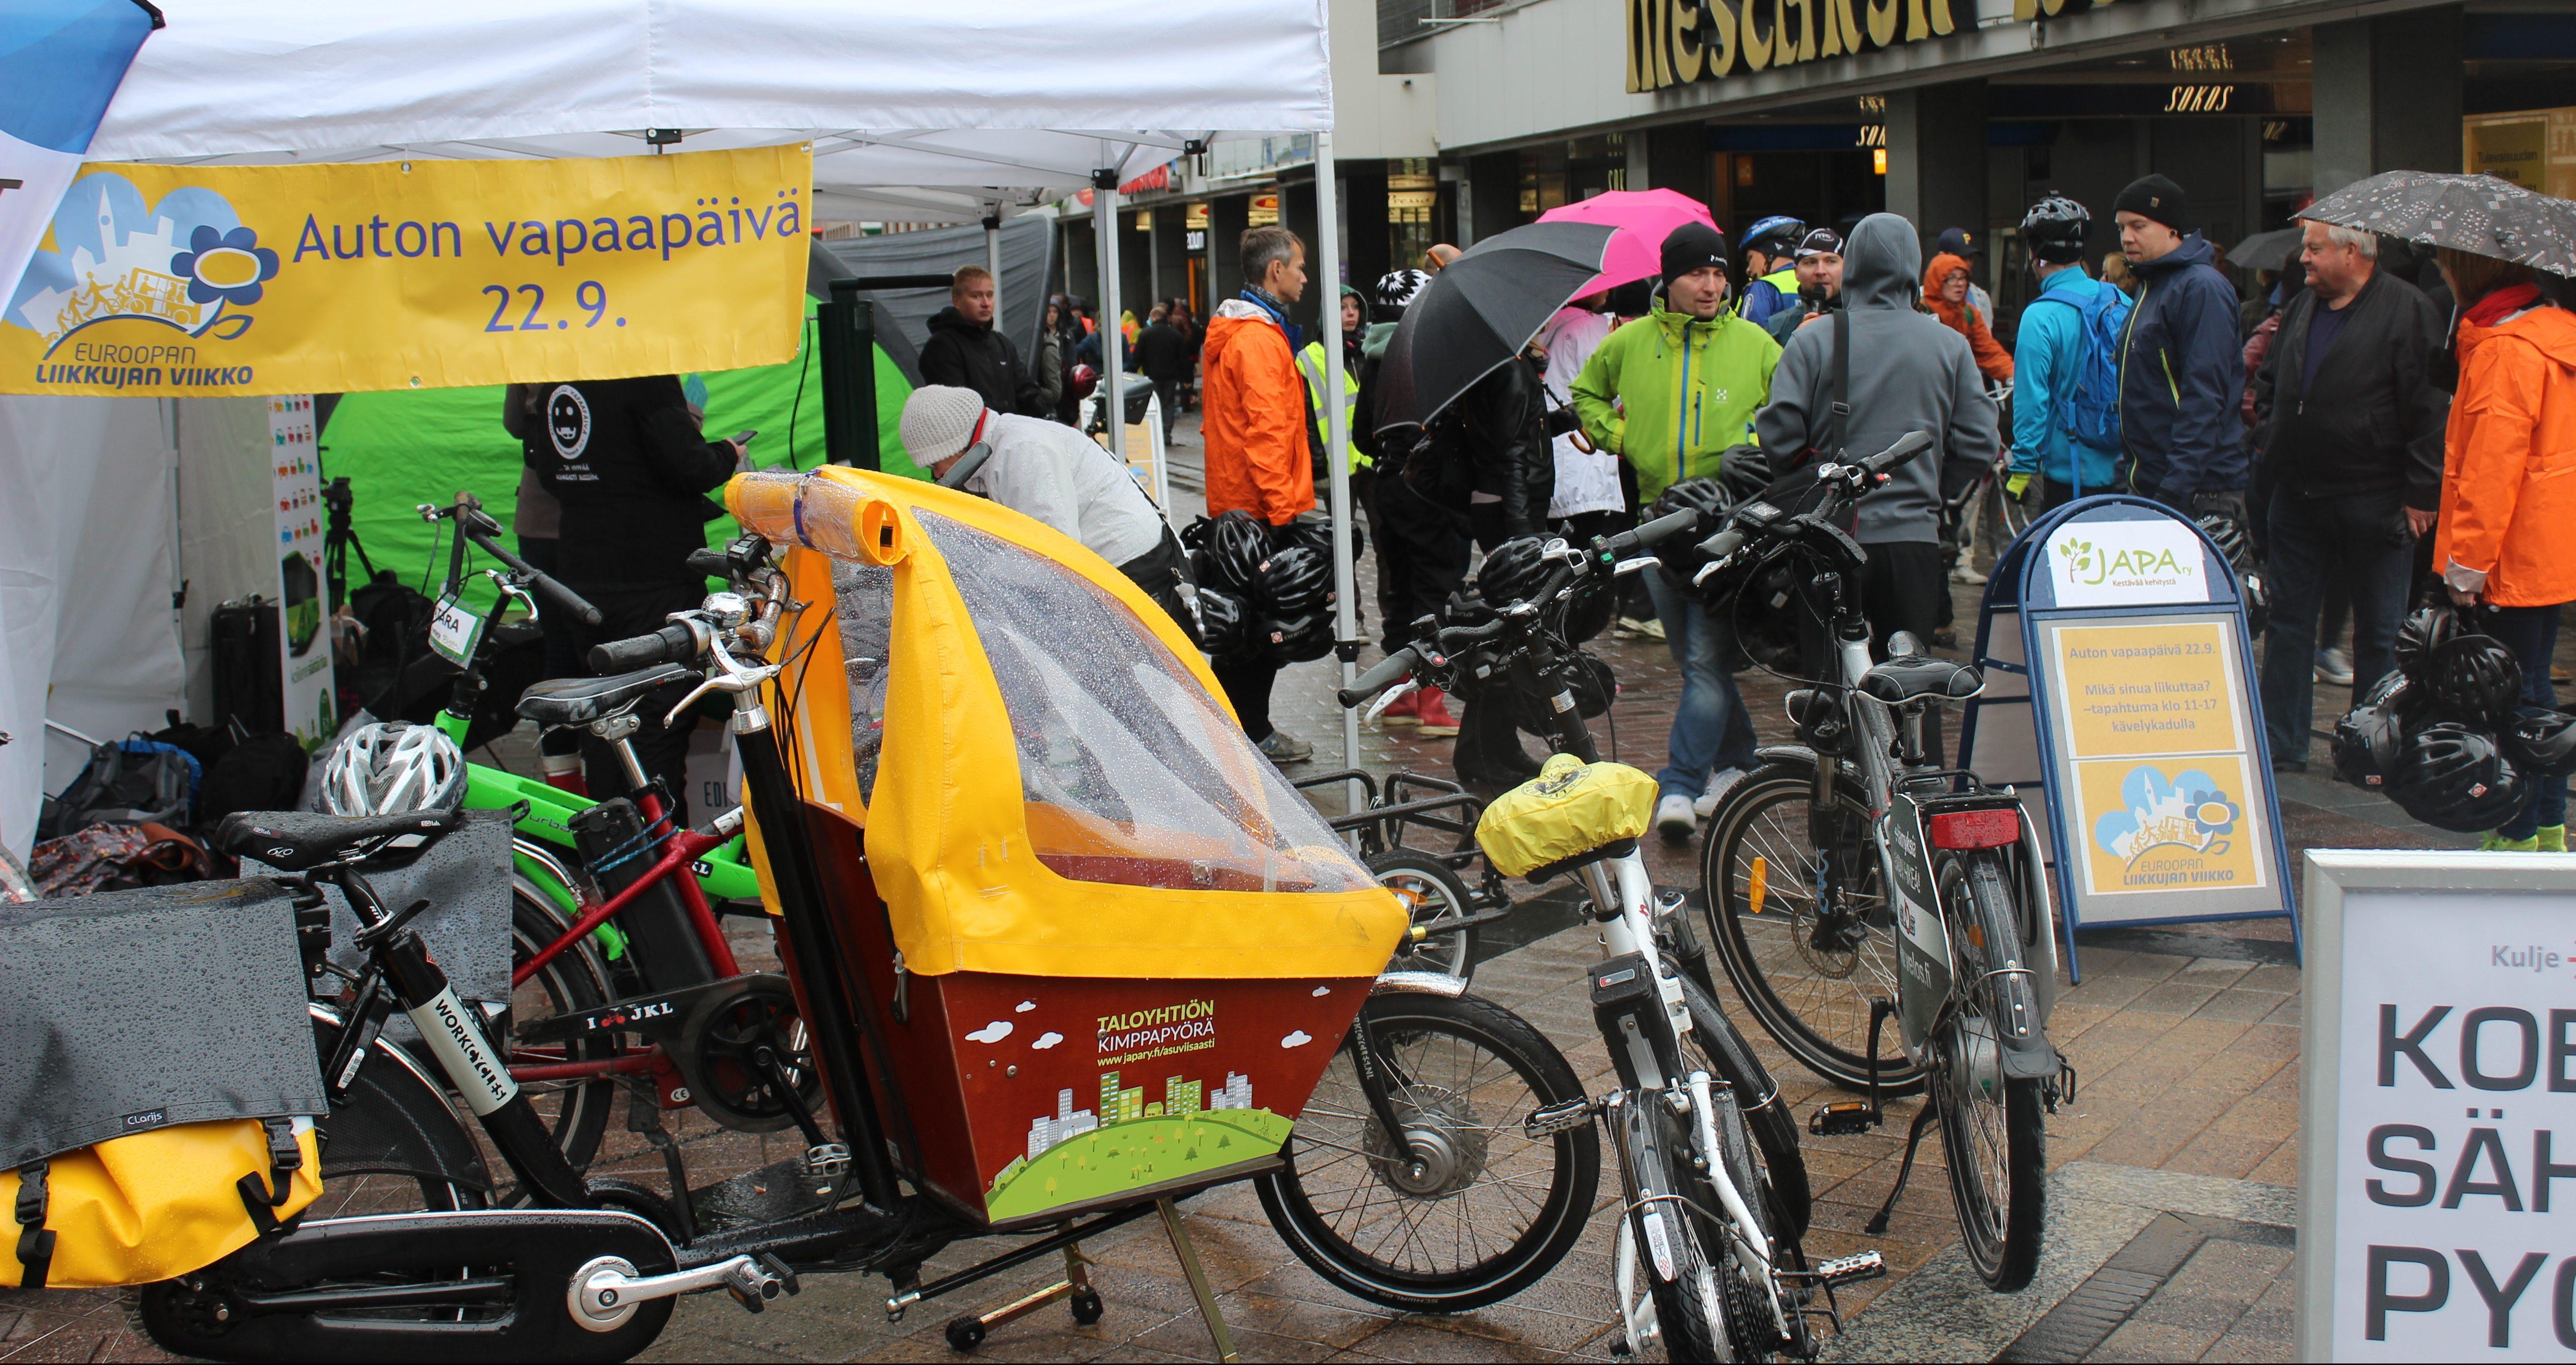 Liikkujan viikon tapahtuma kävelykadulla, telttoja ja ihmisiä..